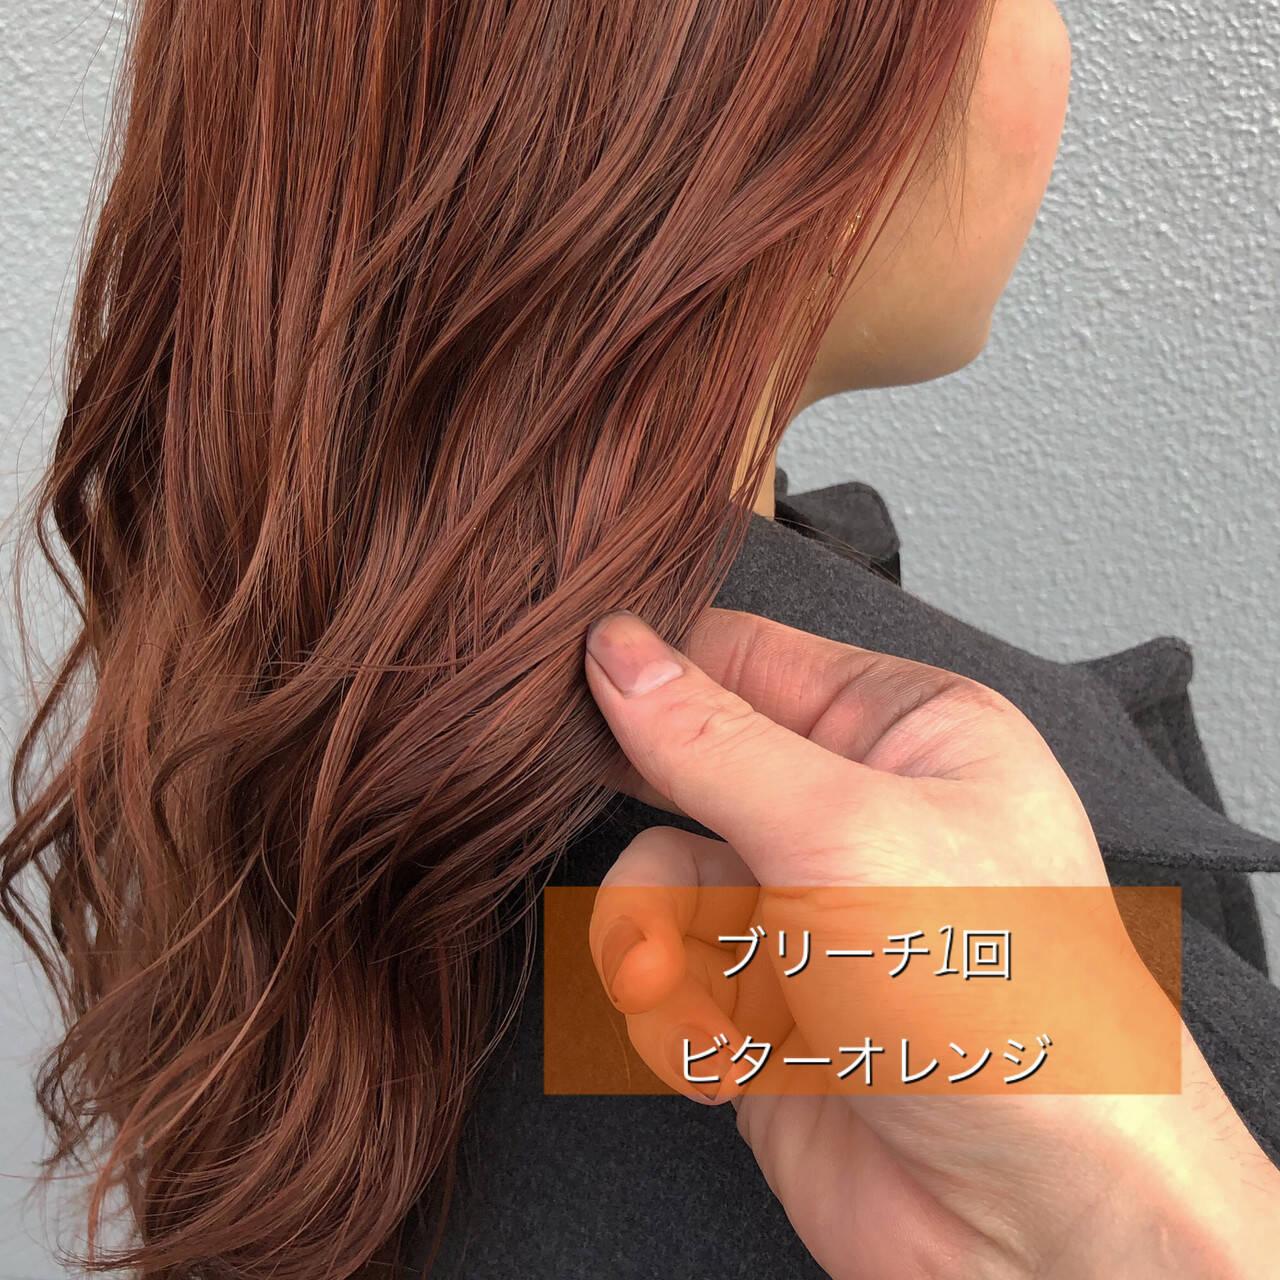 ヘアカラー 初カラー ブリーチ ストリートヘアスタイルや髪型の写真・画像